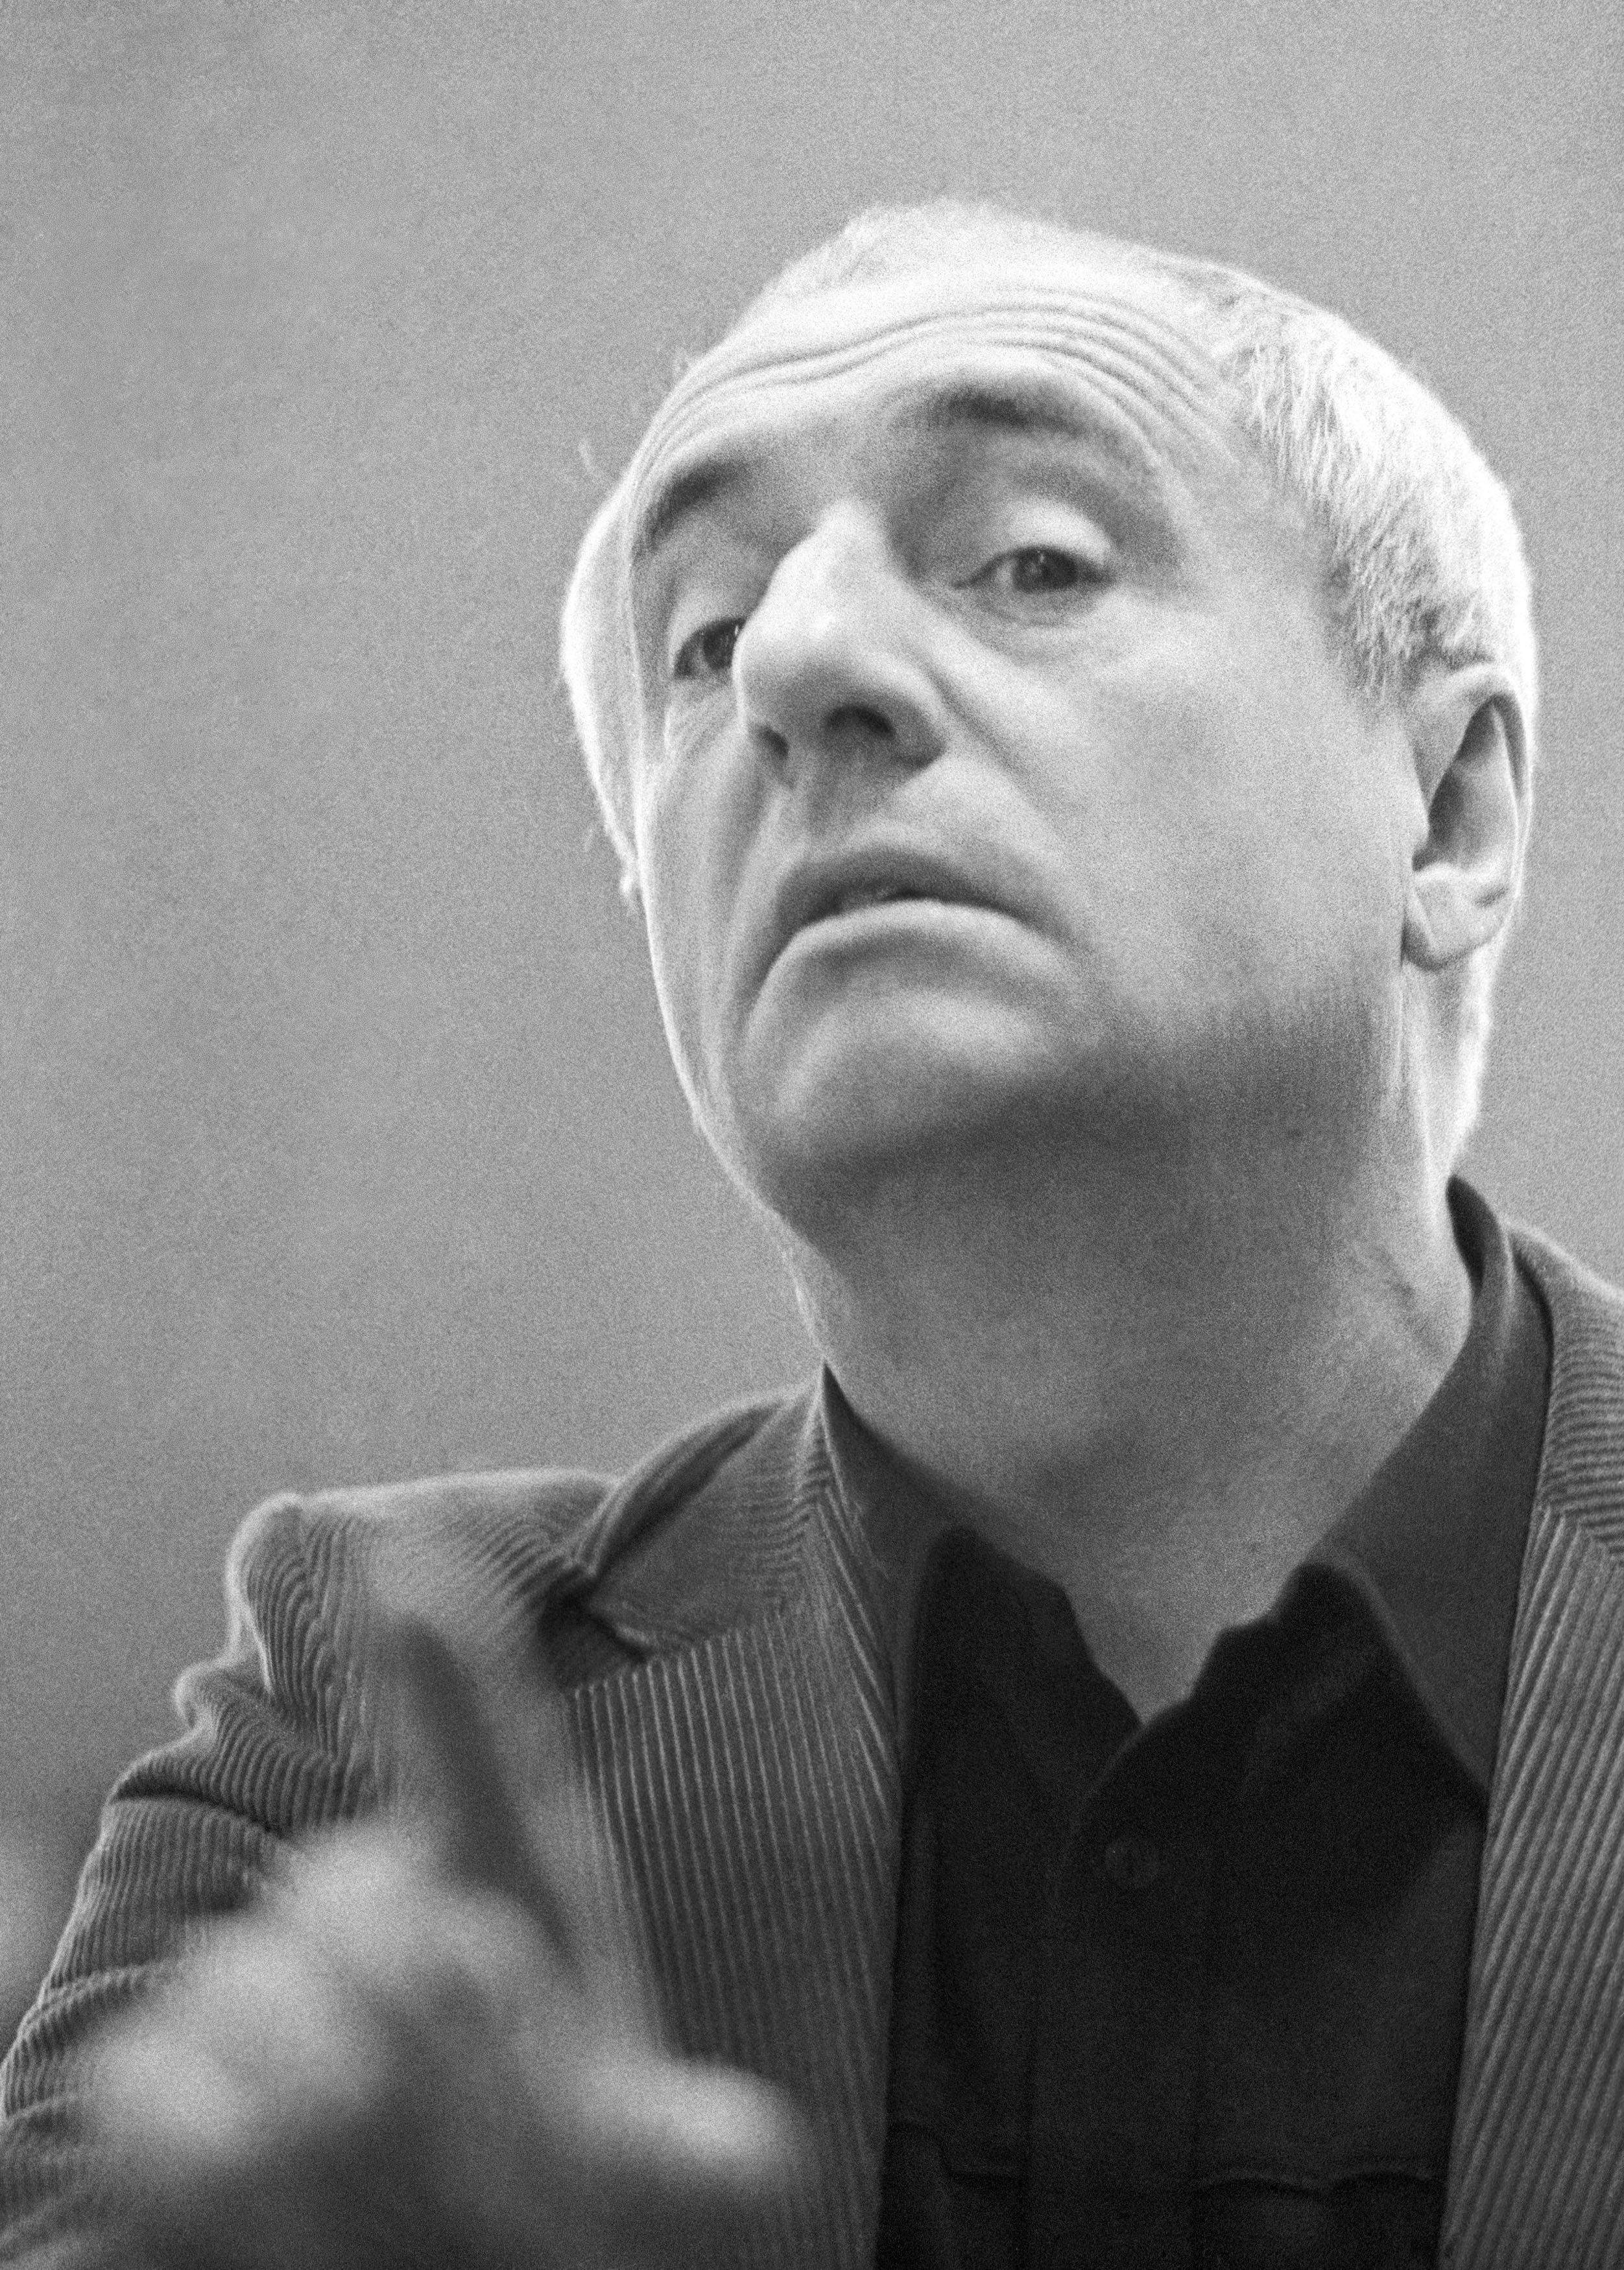 Марк Захаров, 1985 год